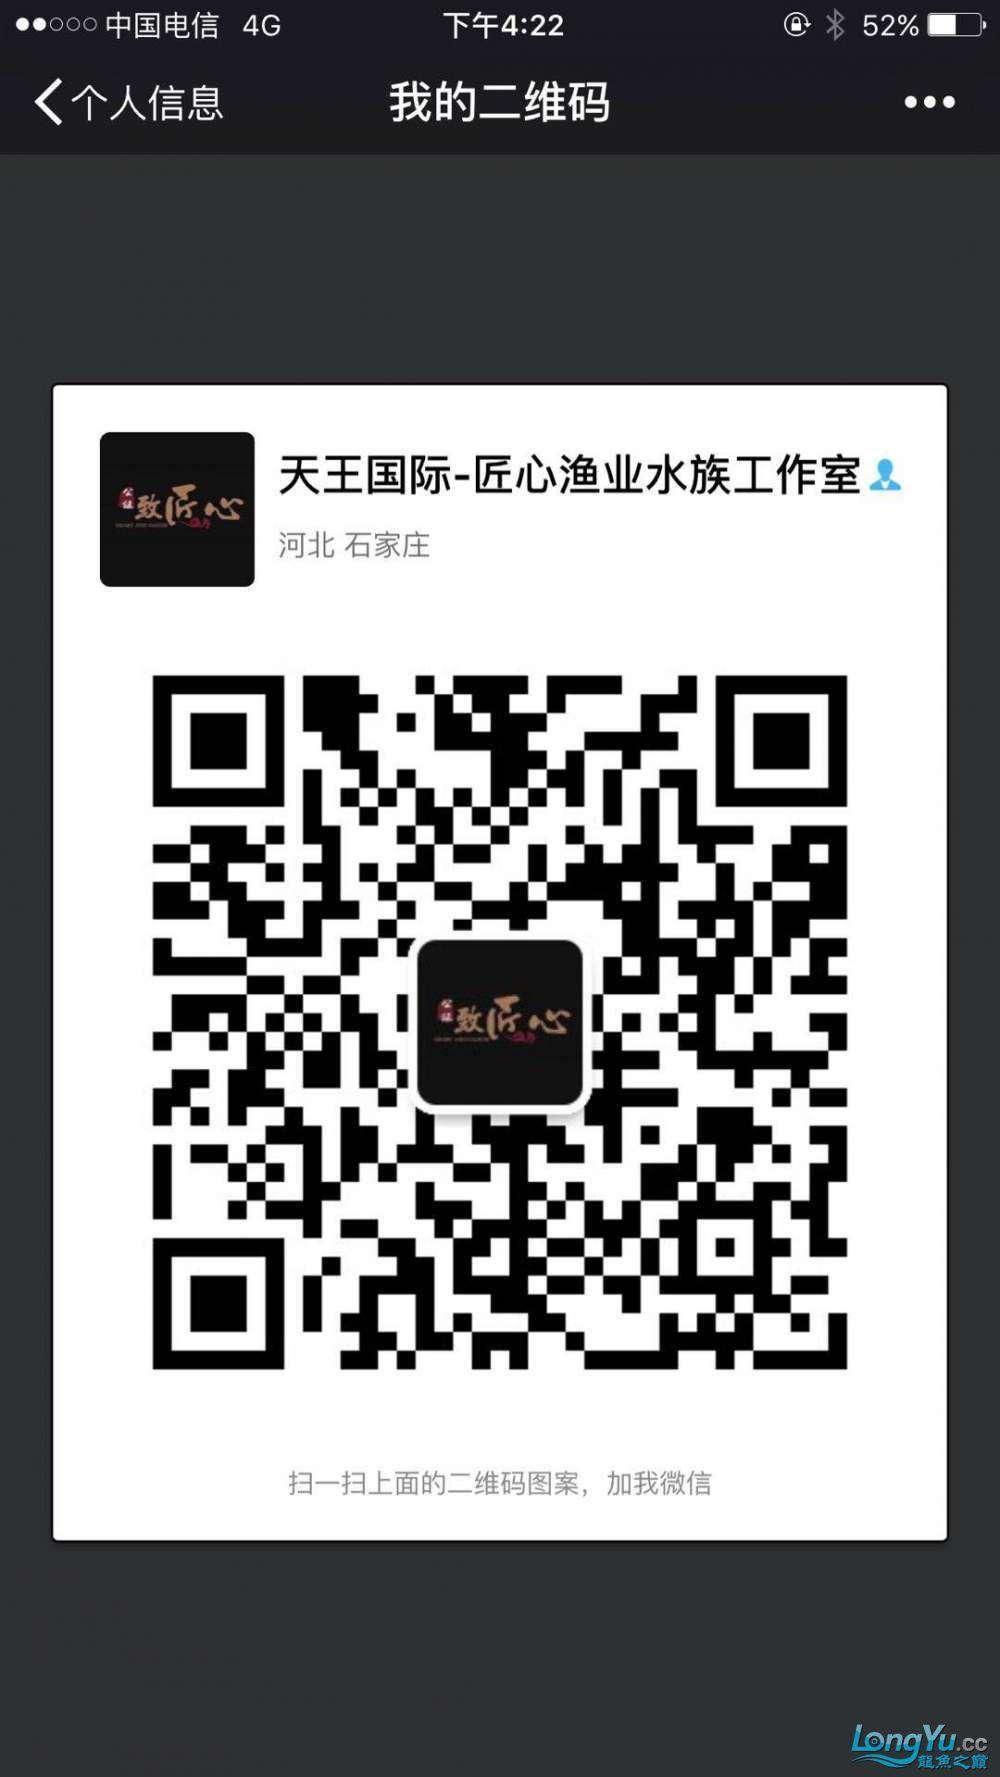 微信图片_20171018125907.jpg